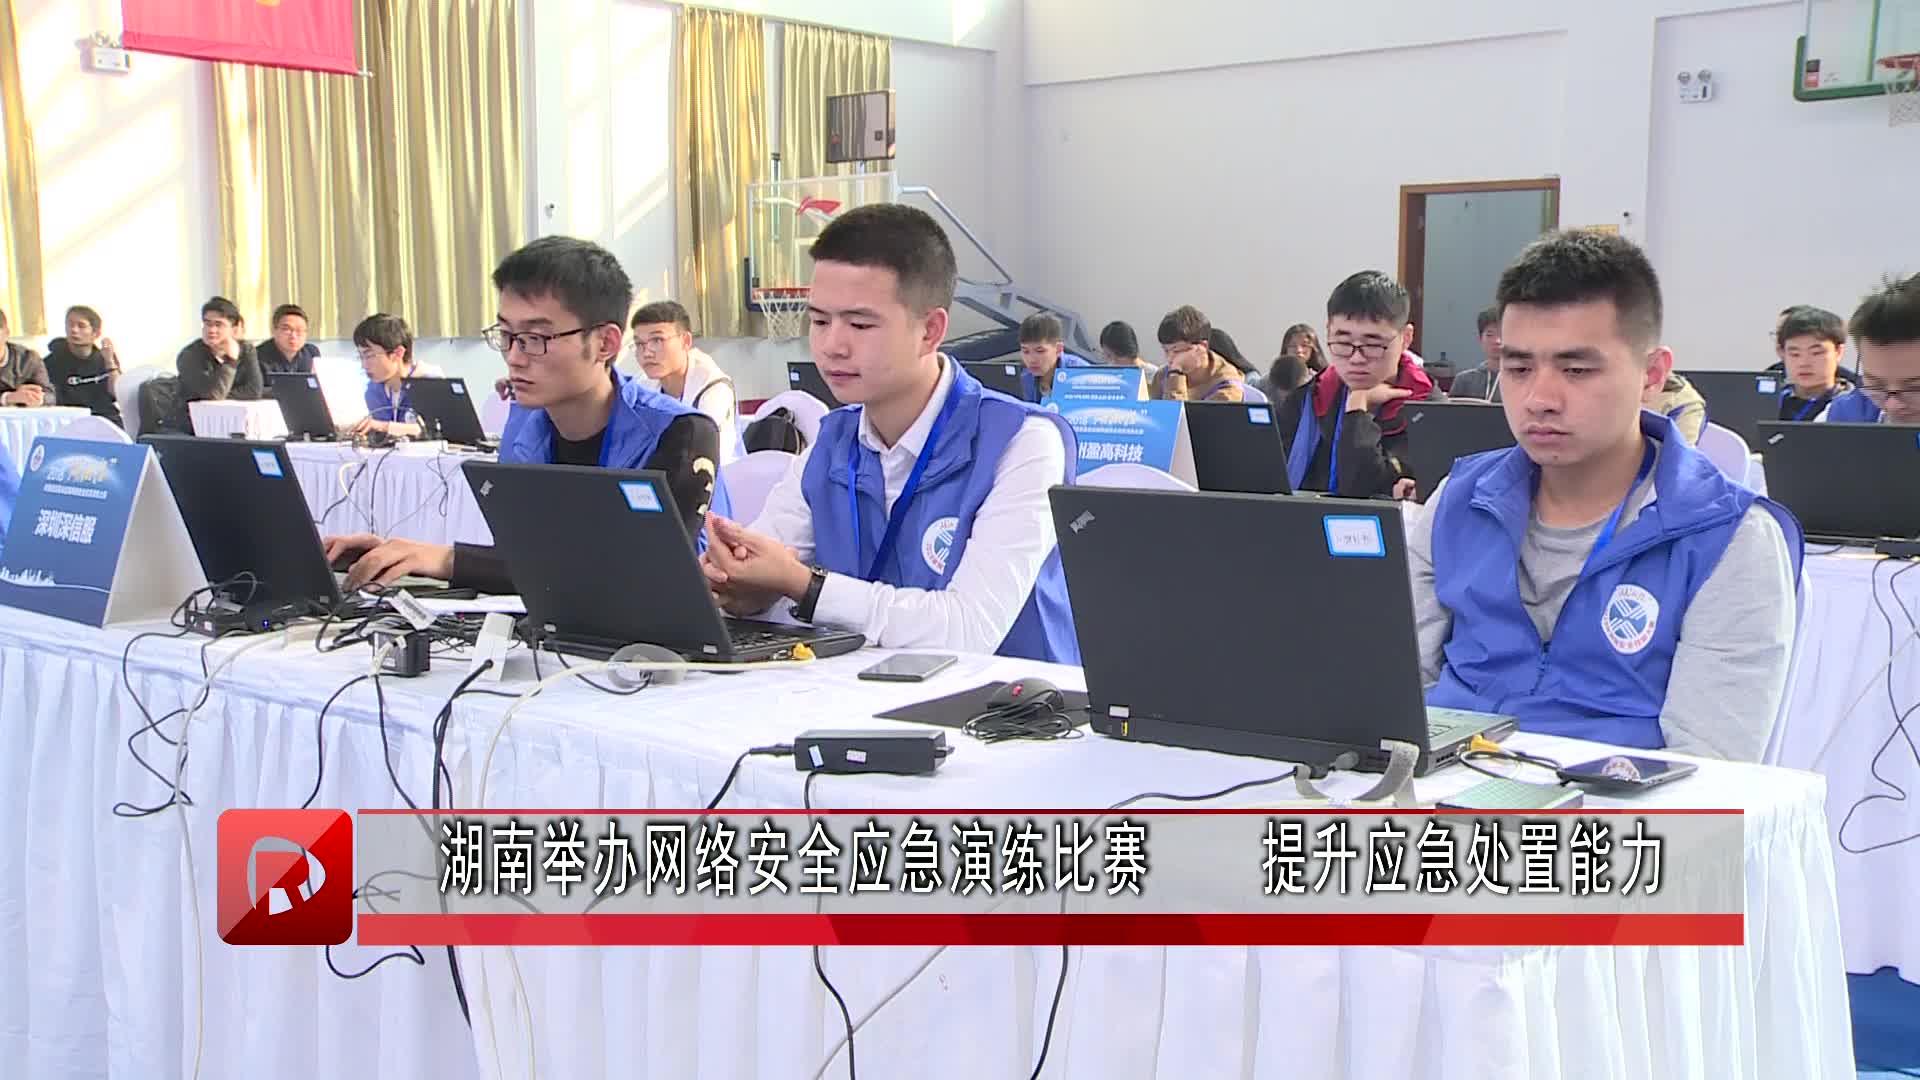 湖南举办网络安全应急演练比赛 提升应急处置能力